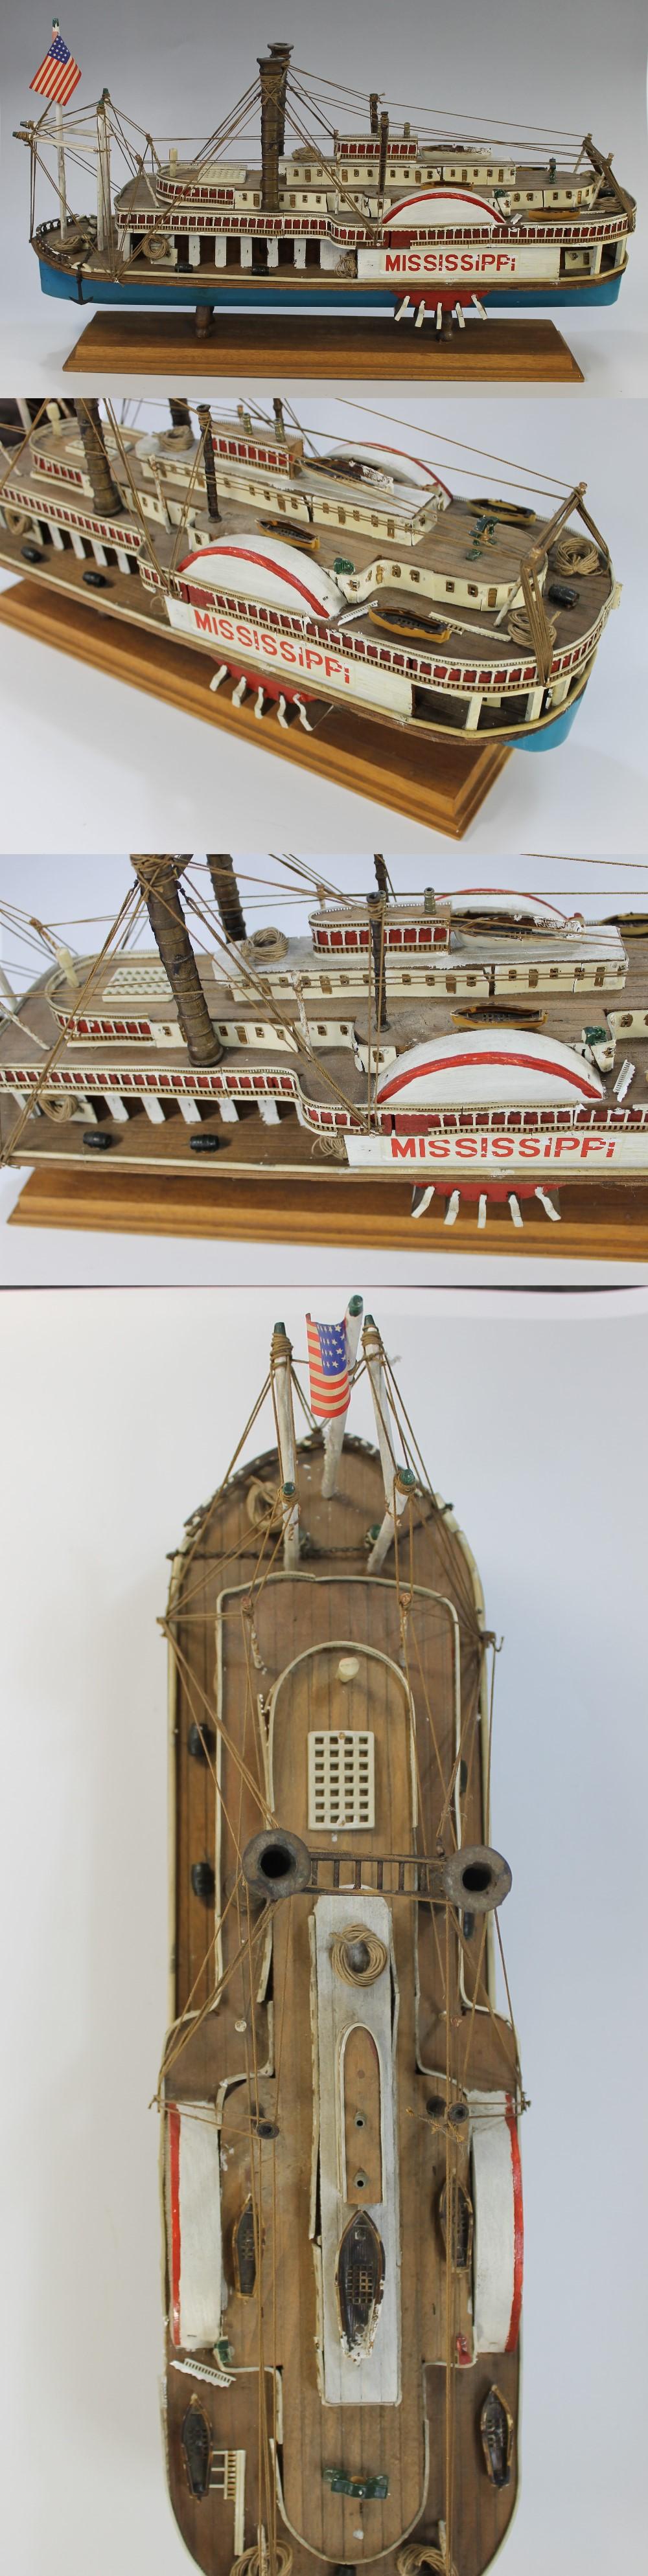 054蒸気船模型1